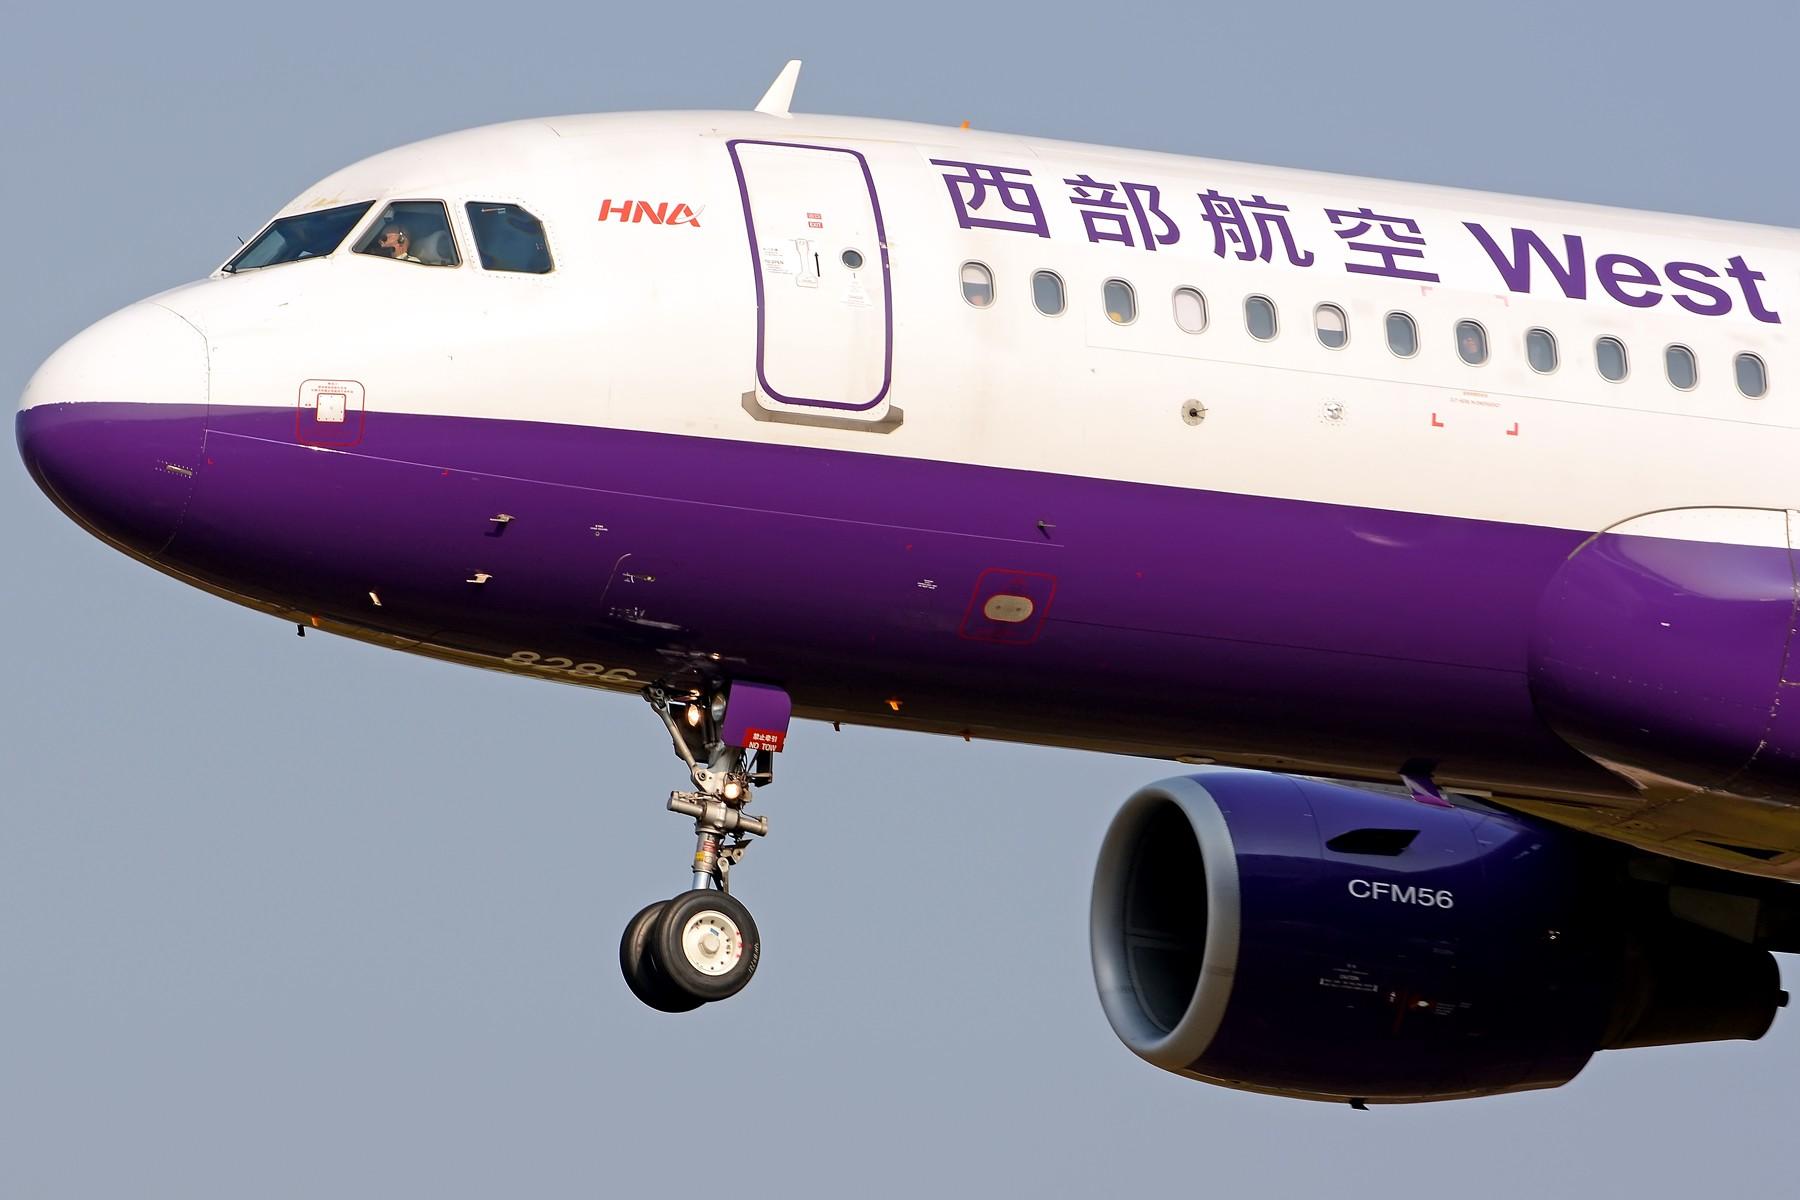 Re:[原创]【多图党】试镜200-500大头比较多 AIRBUS A320-200 B-8286 中国合肥新桥国际机场